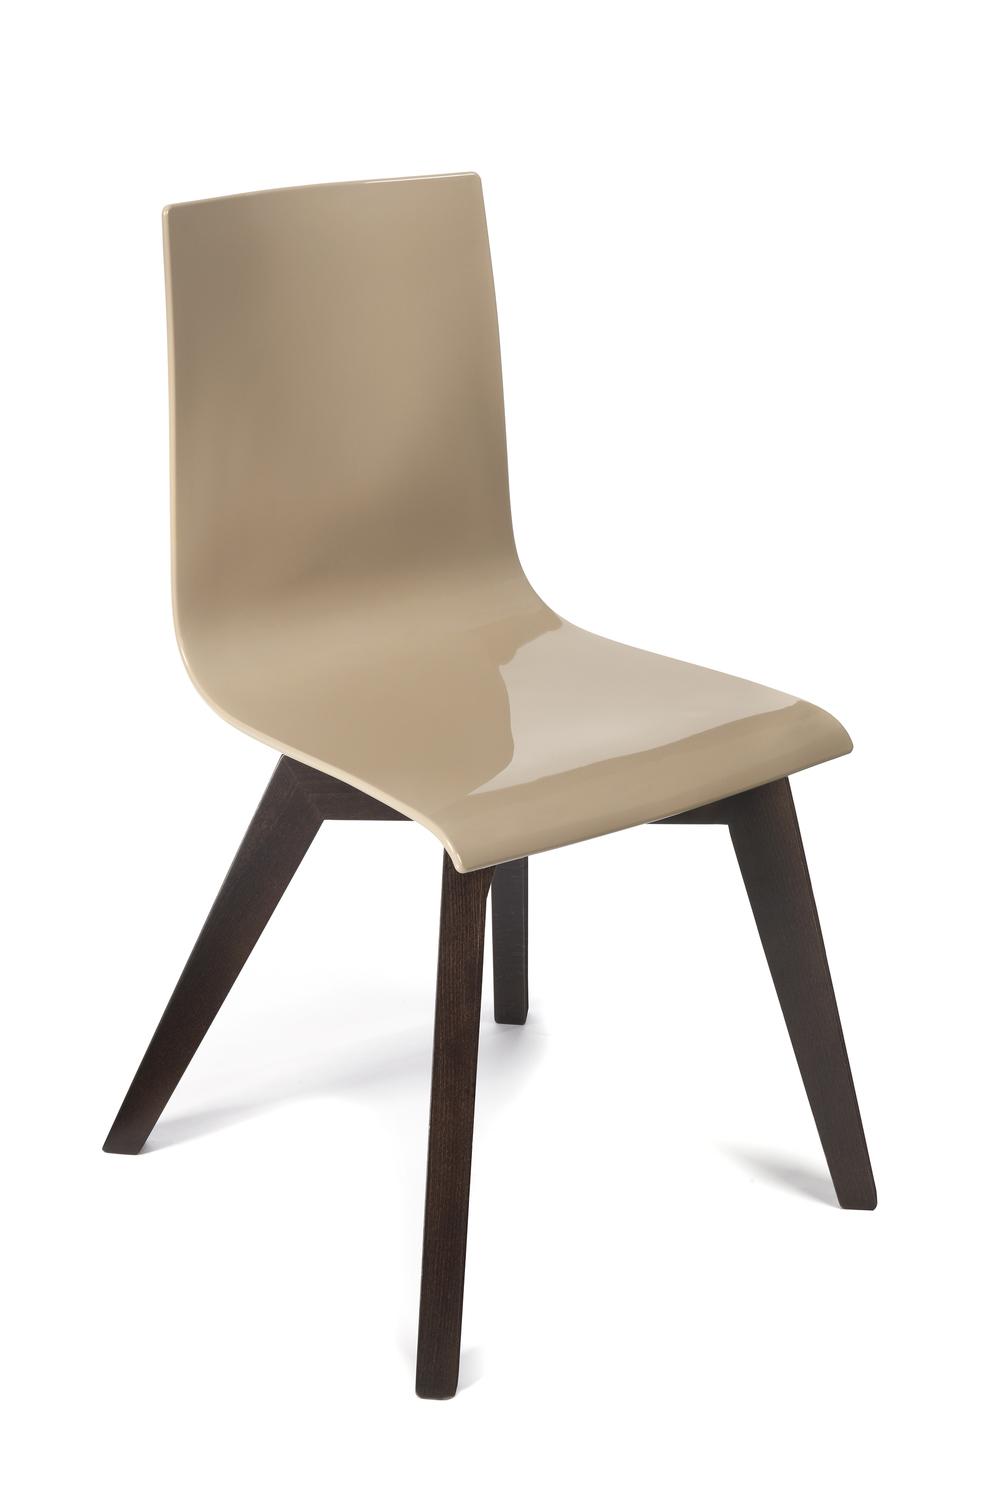 Chair00033.jpg